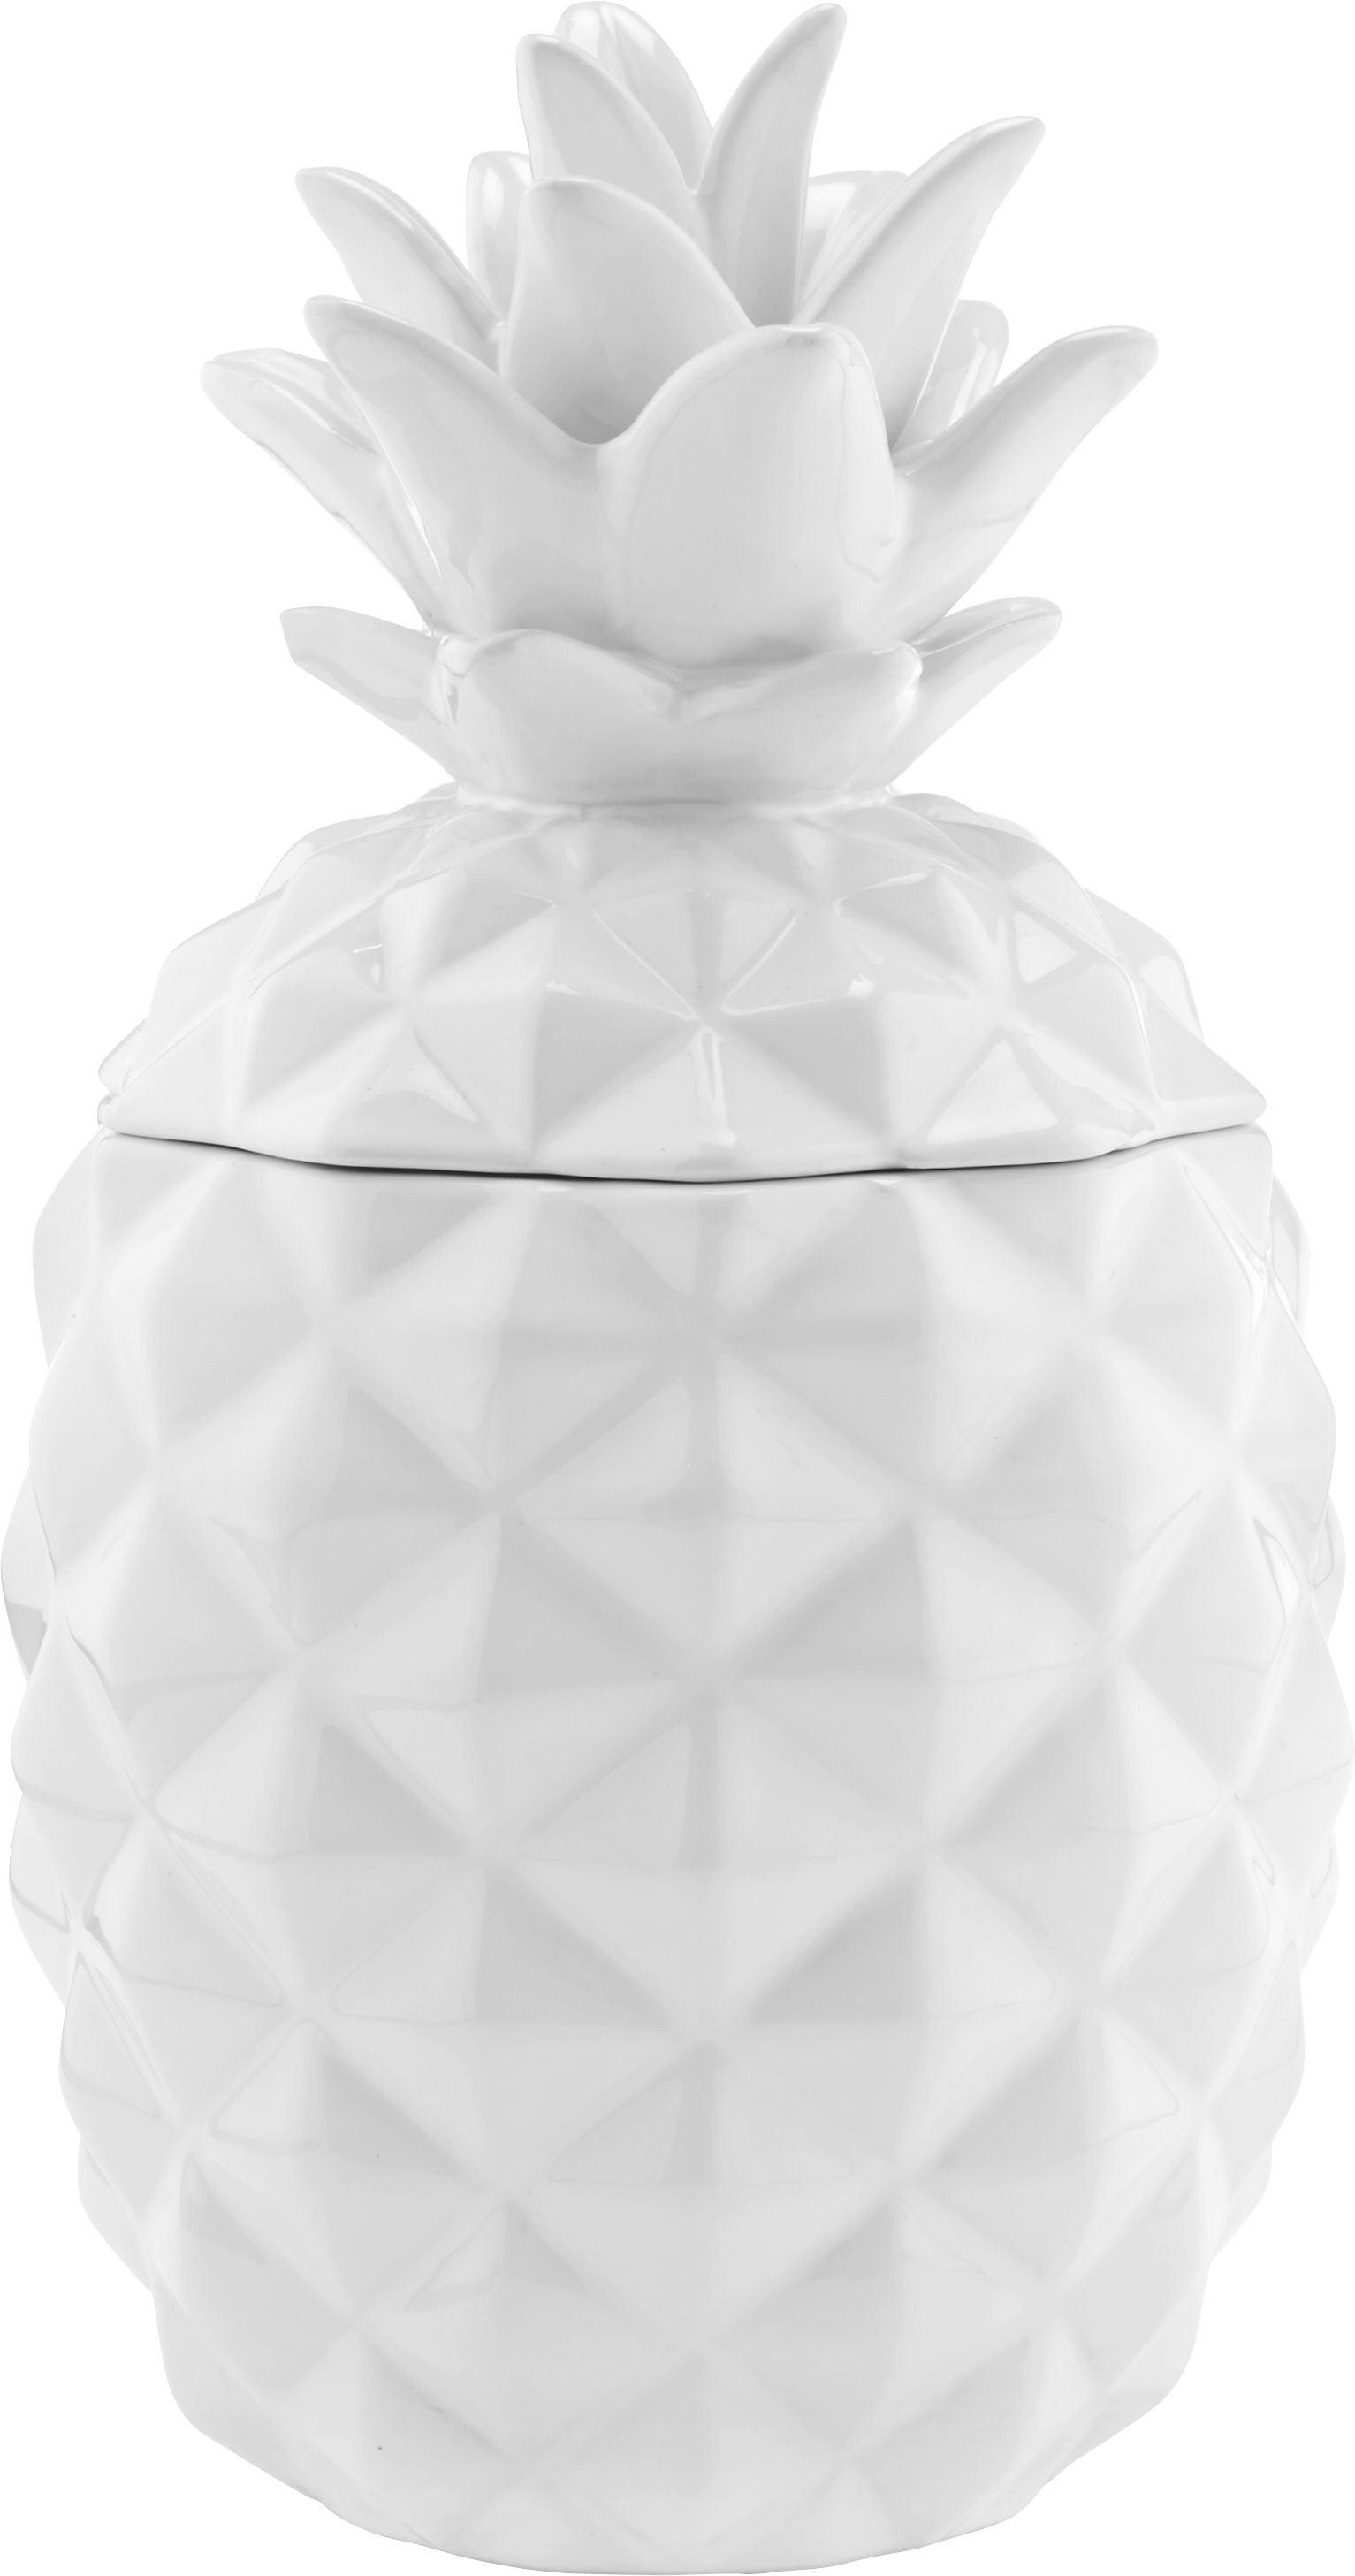 Dekofrucht Dora in Weiß aus Keramik - Weiß, MODERN, Keramik (15/15/28cm) - MÖMAX modern living